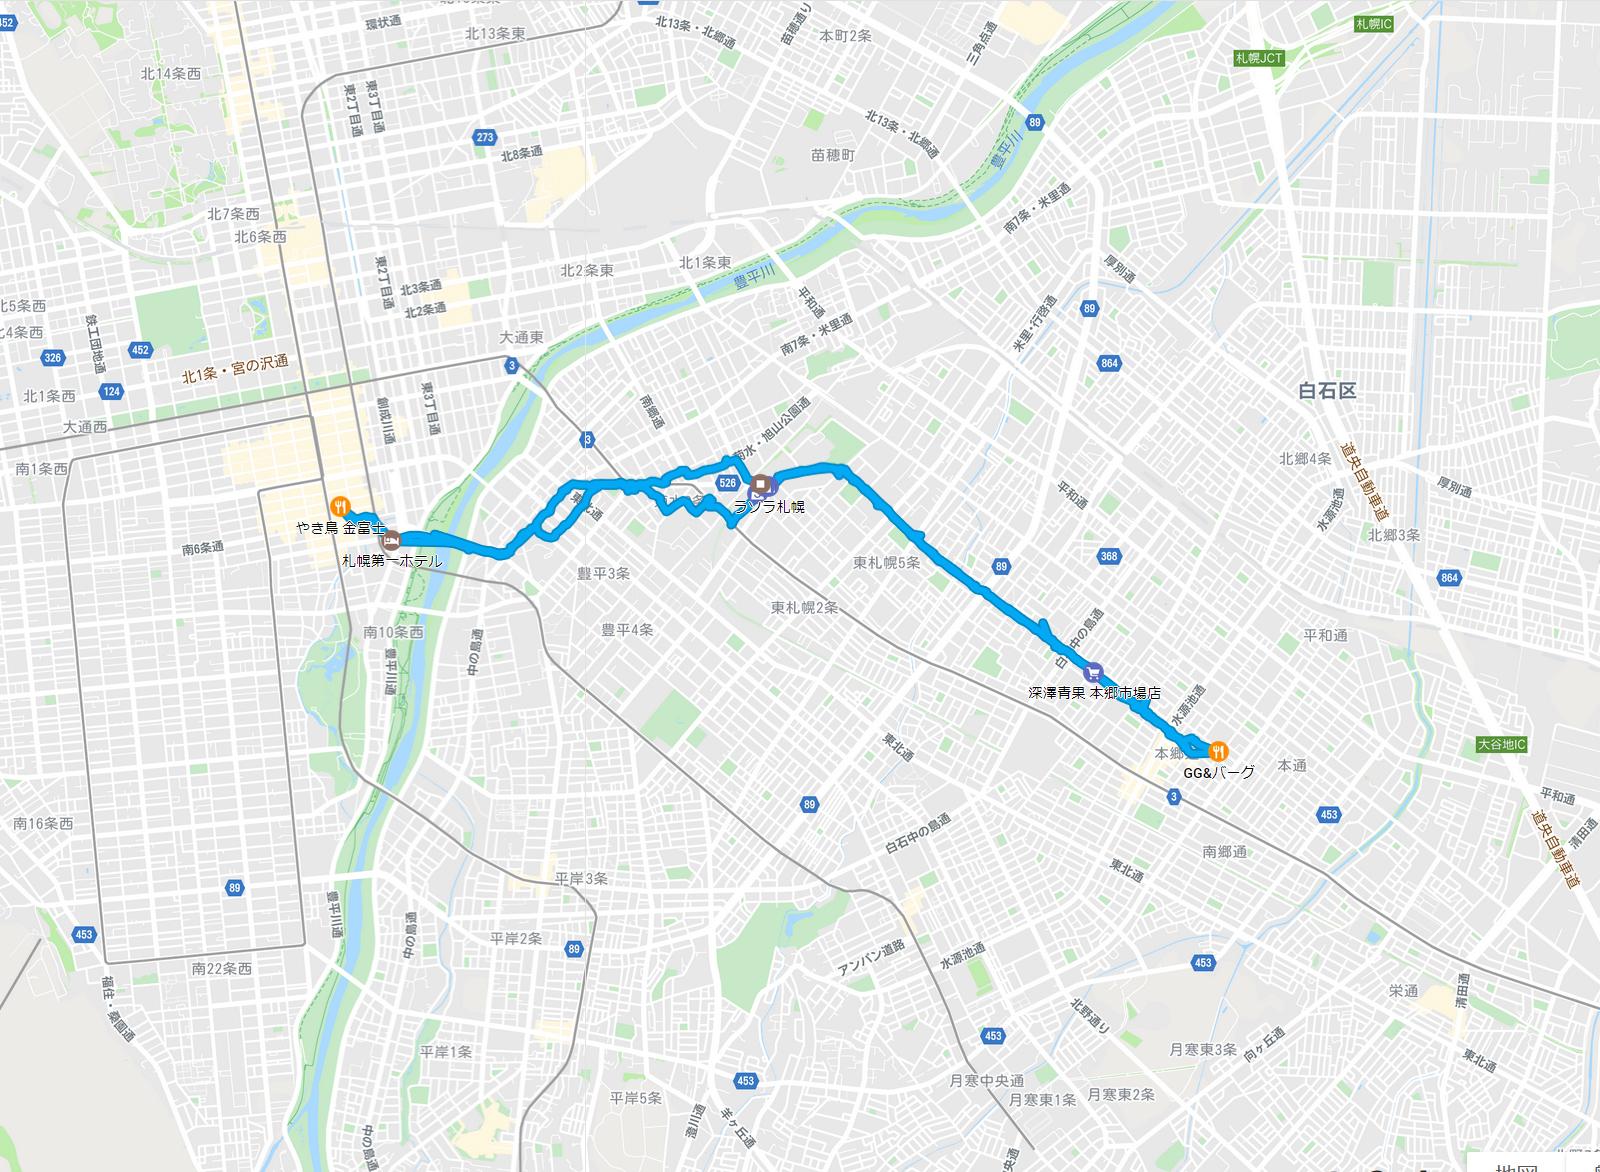 2020年3月24日のタイムライン 札幌第一ホテルとGG&バーグ往復など全行程を徒歩で移動